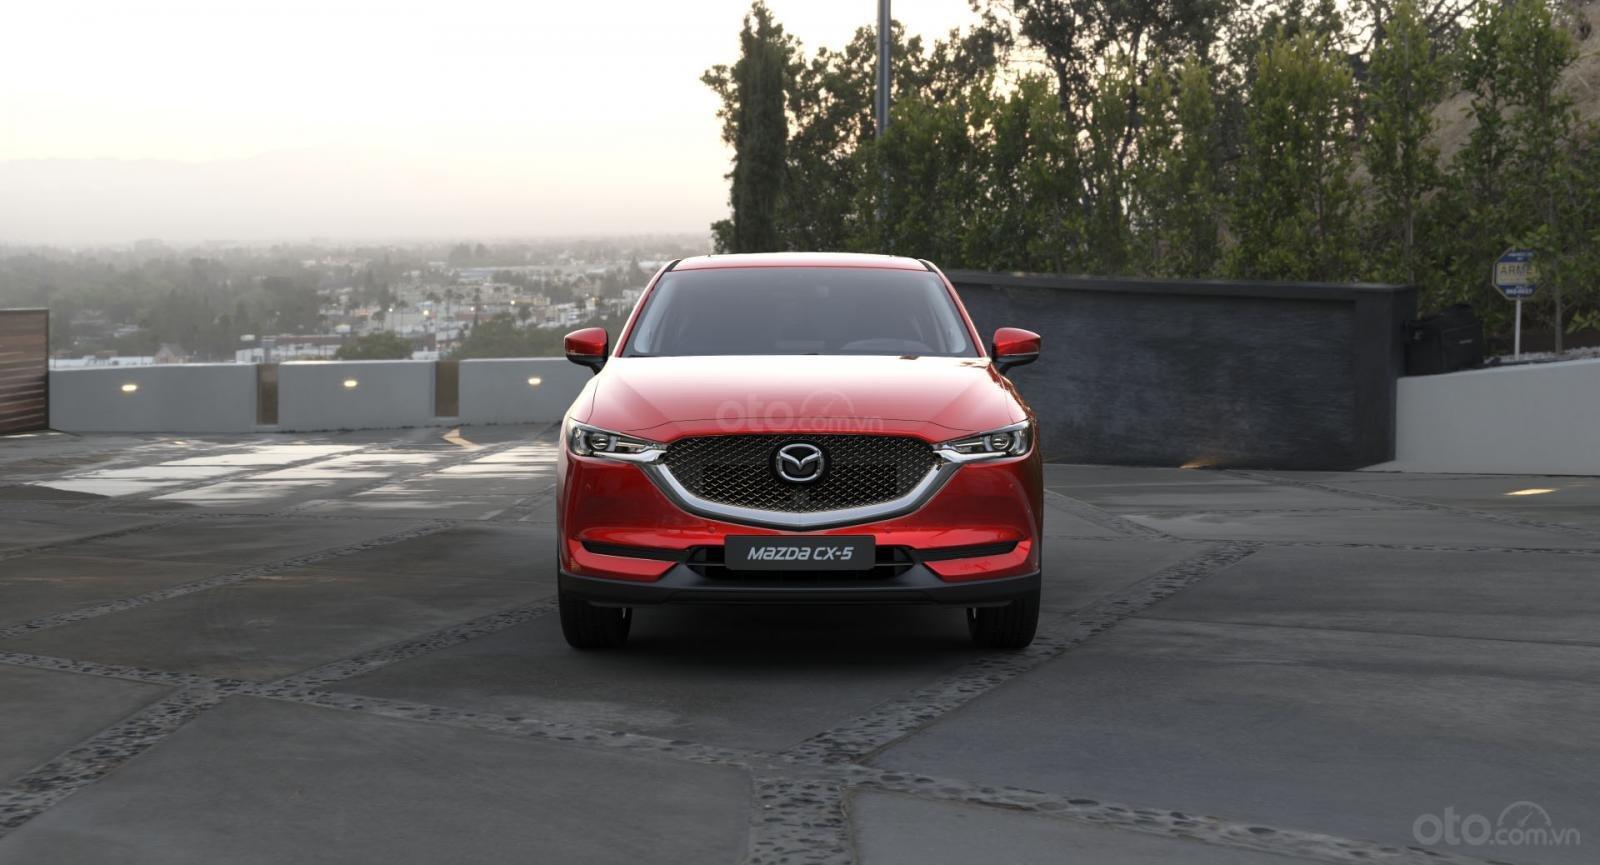 Mazda Phú Mỹ Hưng - New Mazda CX 5 2.0 Deluxe 2020, giá 844 triệu và ưu đãi tháng 03 (1)